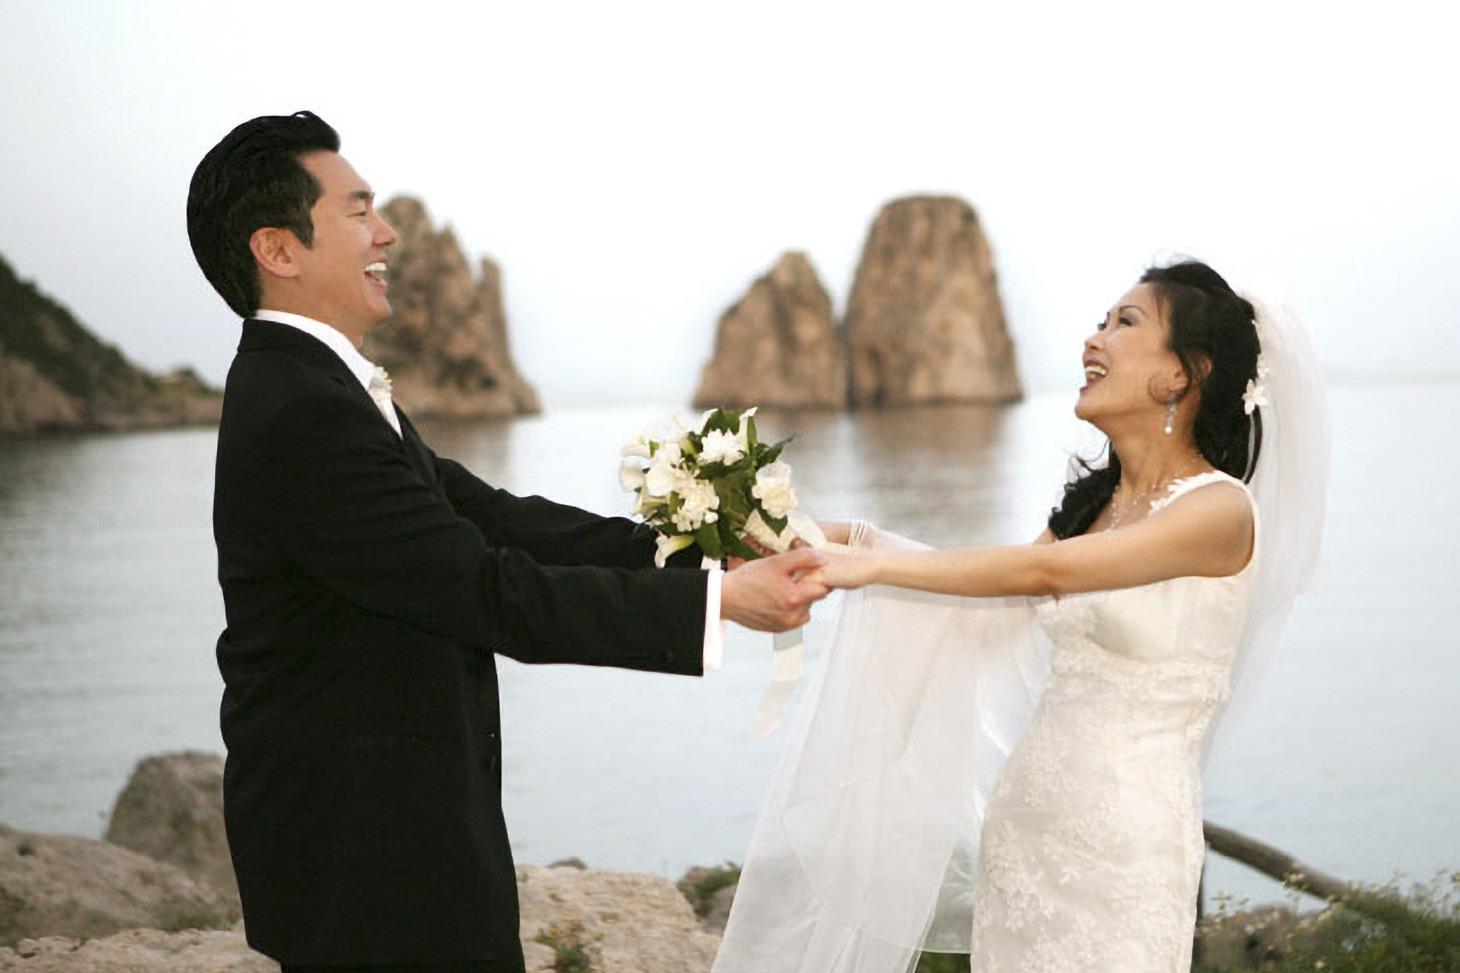 Sherrie & Richard | Capri